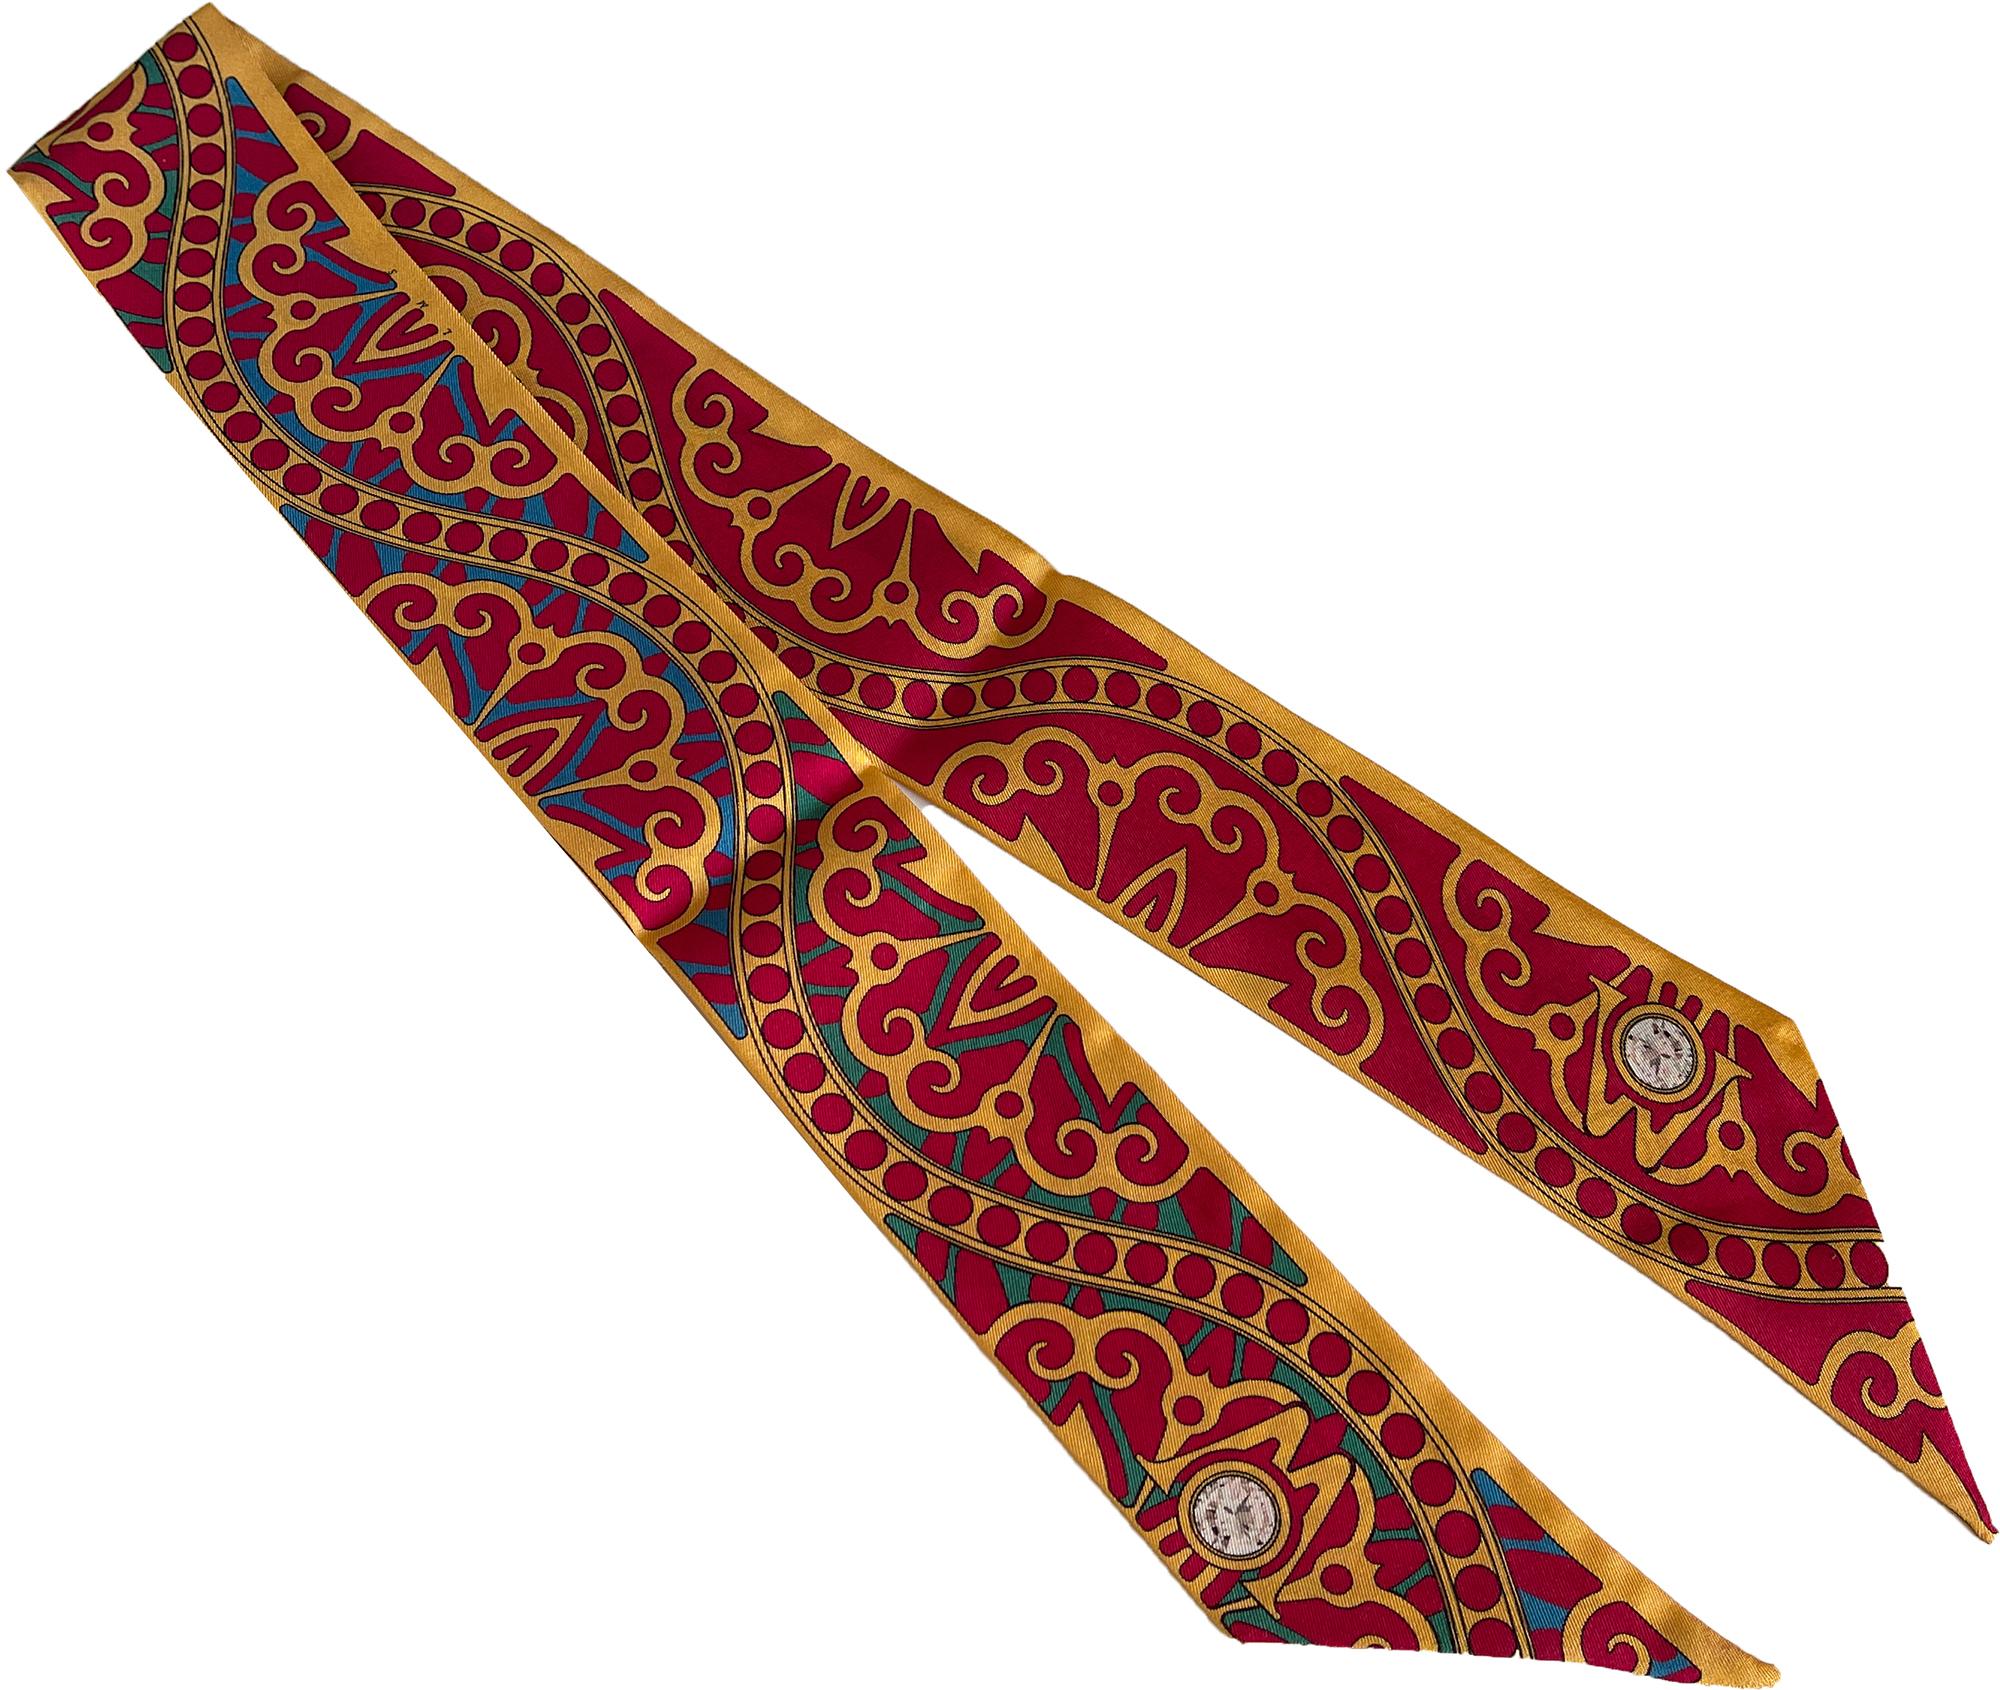 Armband mit Diamantendruck für Wellendorff